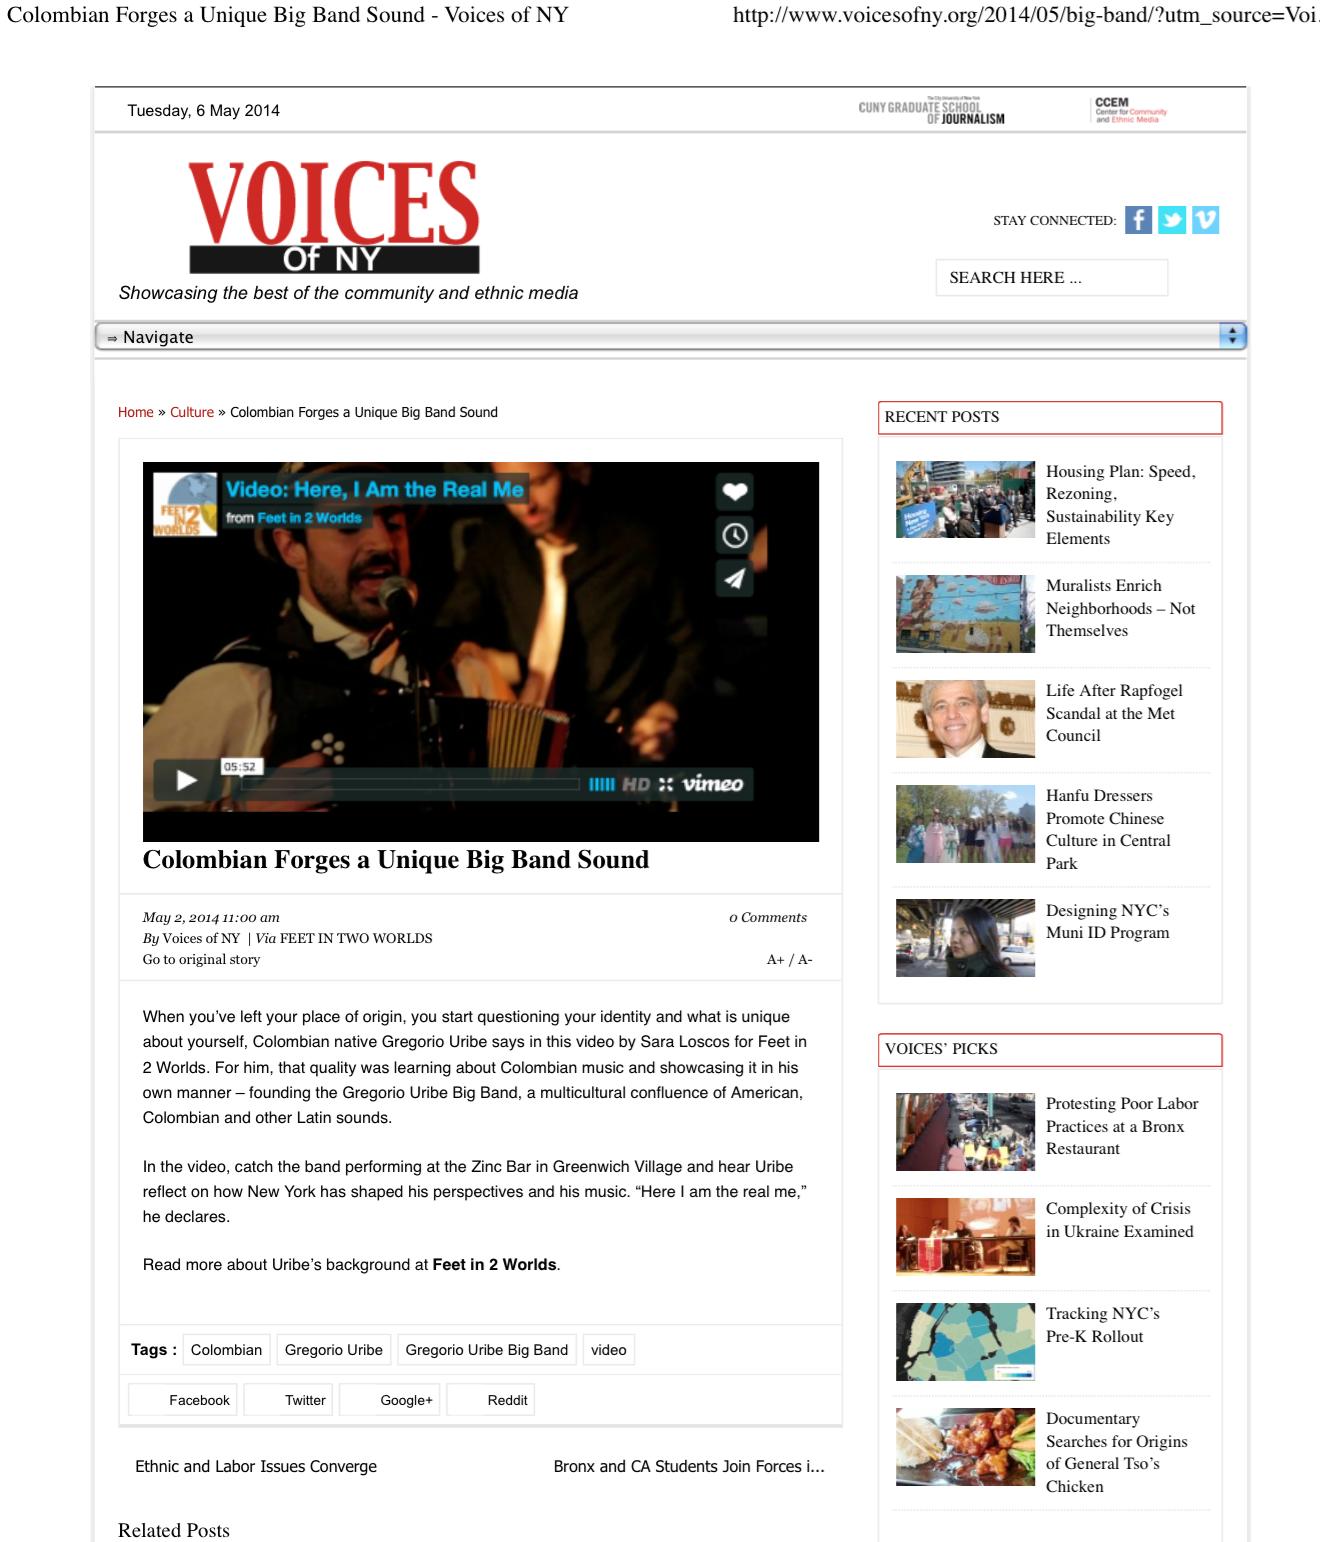 Voices of NY